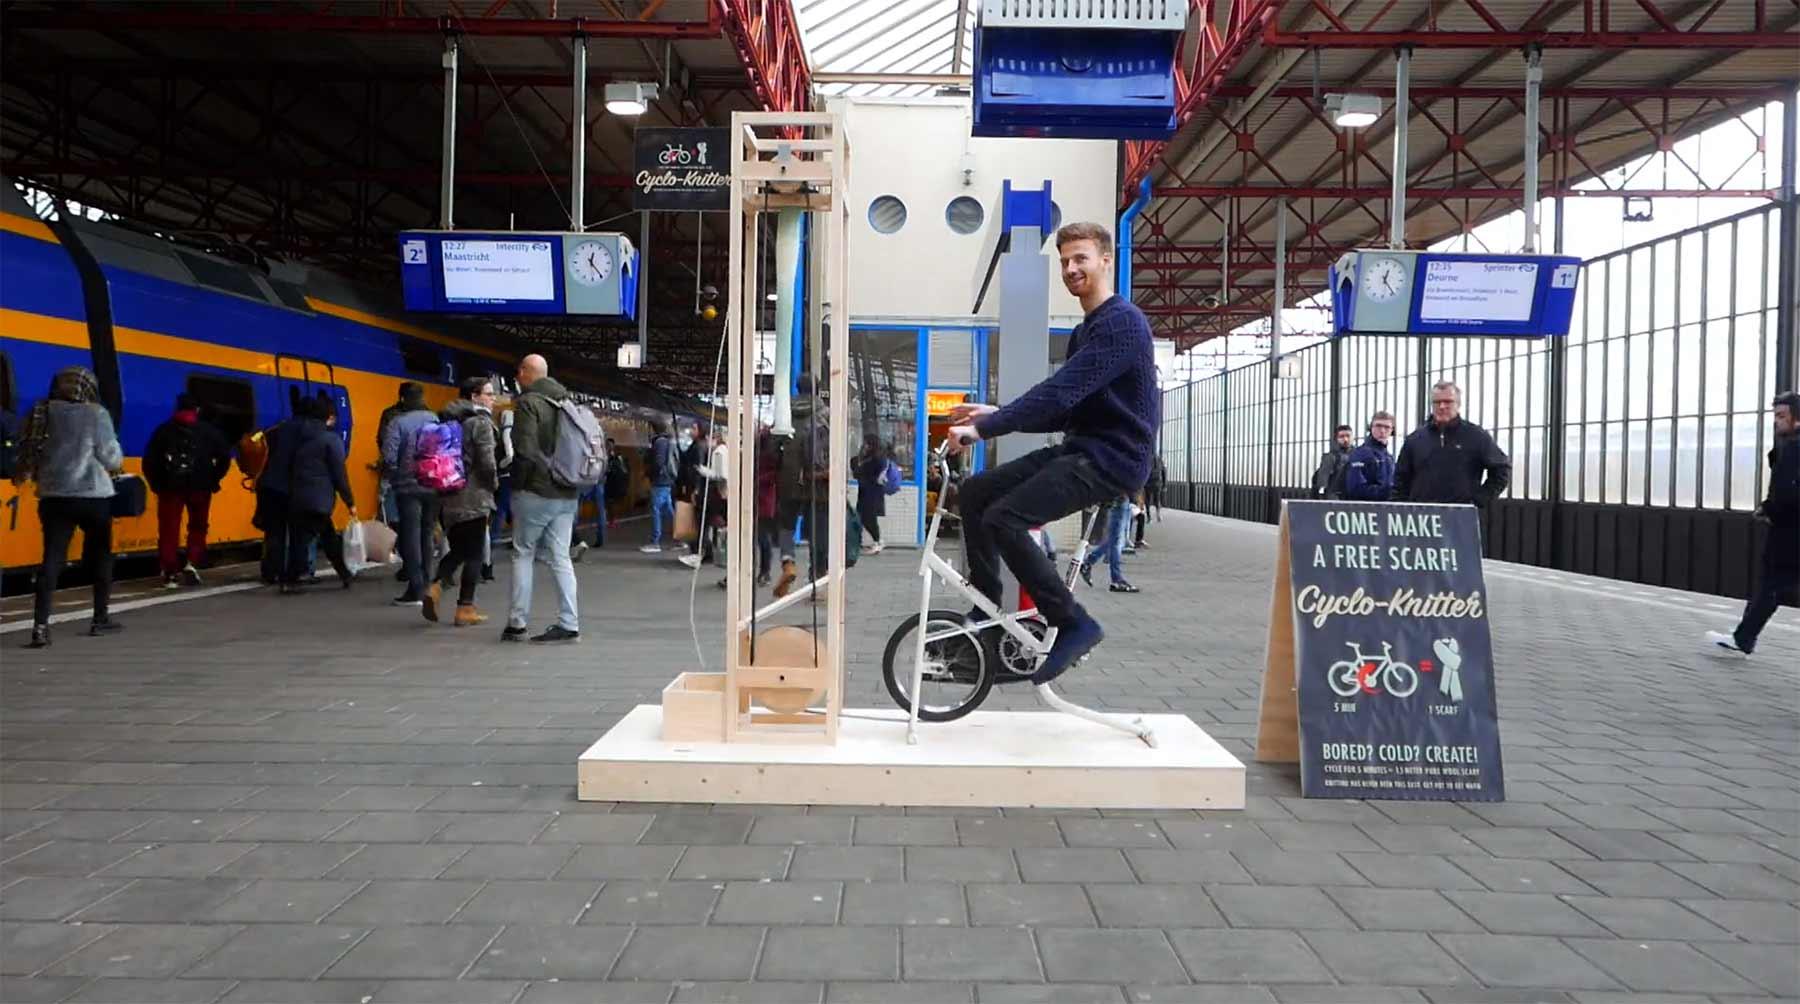 Beim Warten auf den Zug mit dem Fahrrad einen Schal stricken